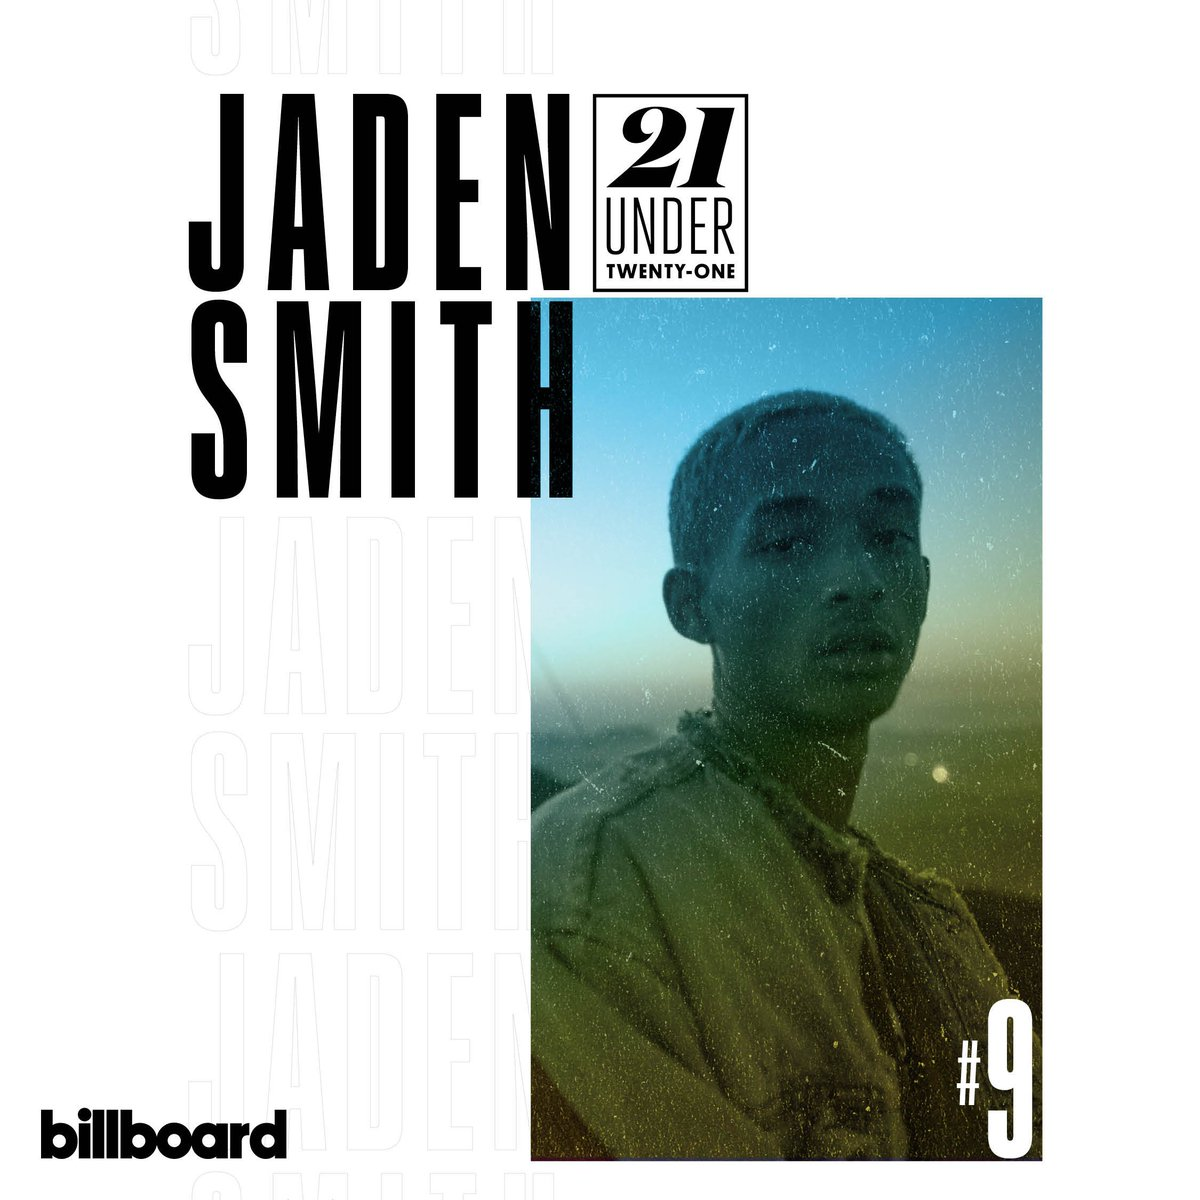 #21Under21 No. 9 @officialjaden Age: 20 Total Streams: 422.7M blbrd.cm/UsooYx